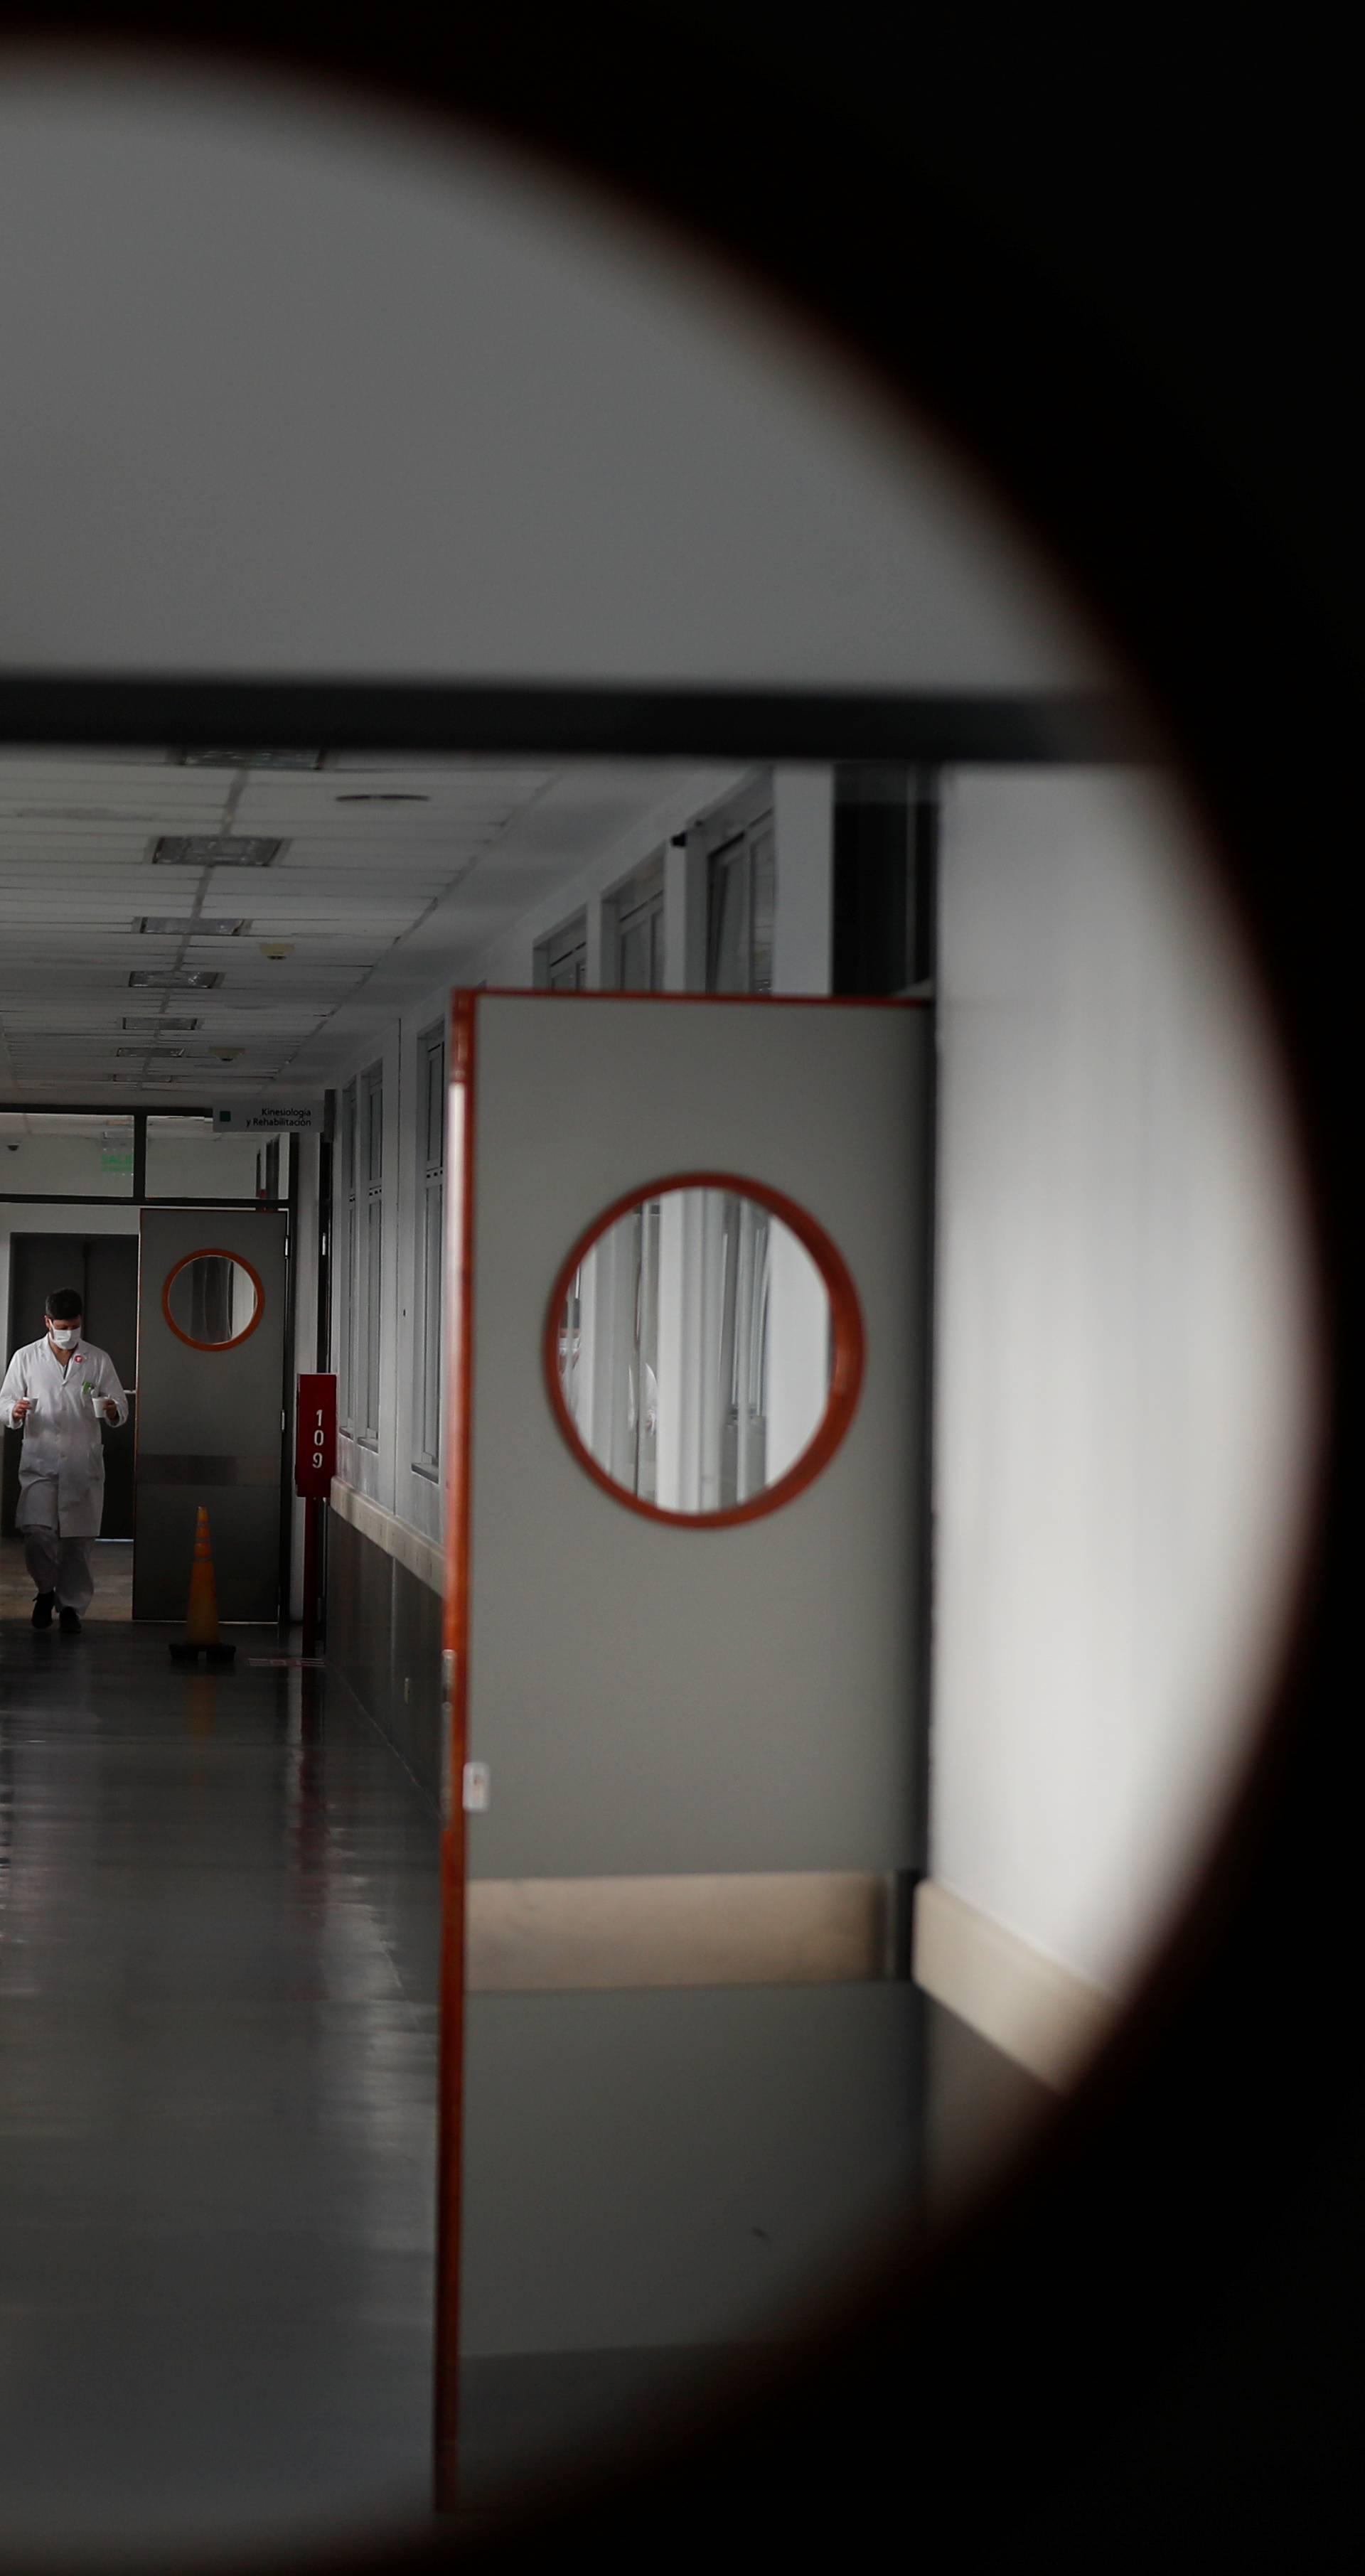 Zbog pandemije korona virusa preminulo više od 300.000 ljudi